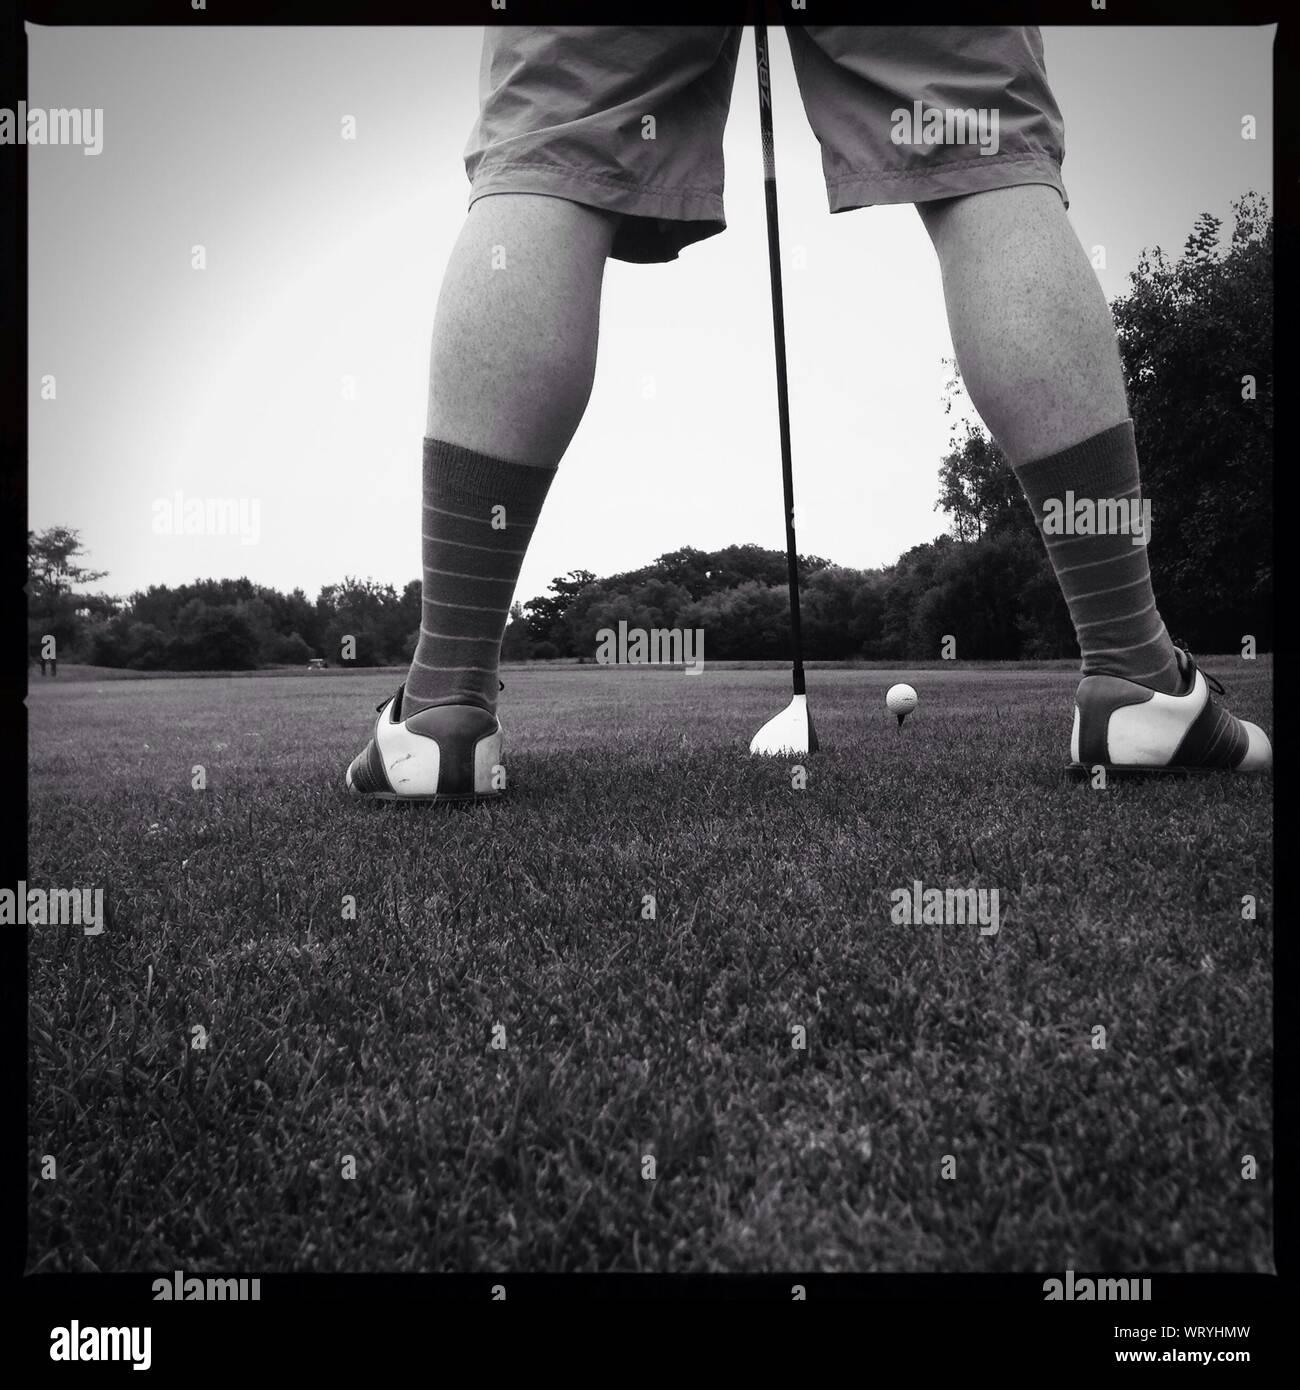 La section basse de golfeur en jouant au golf sur terrain Banque D'Images